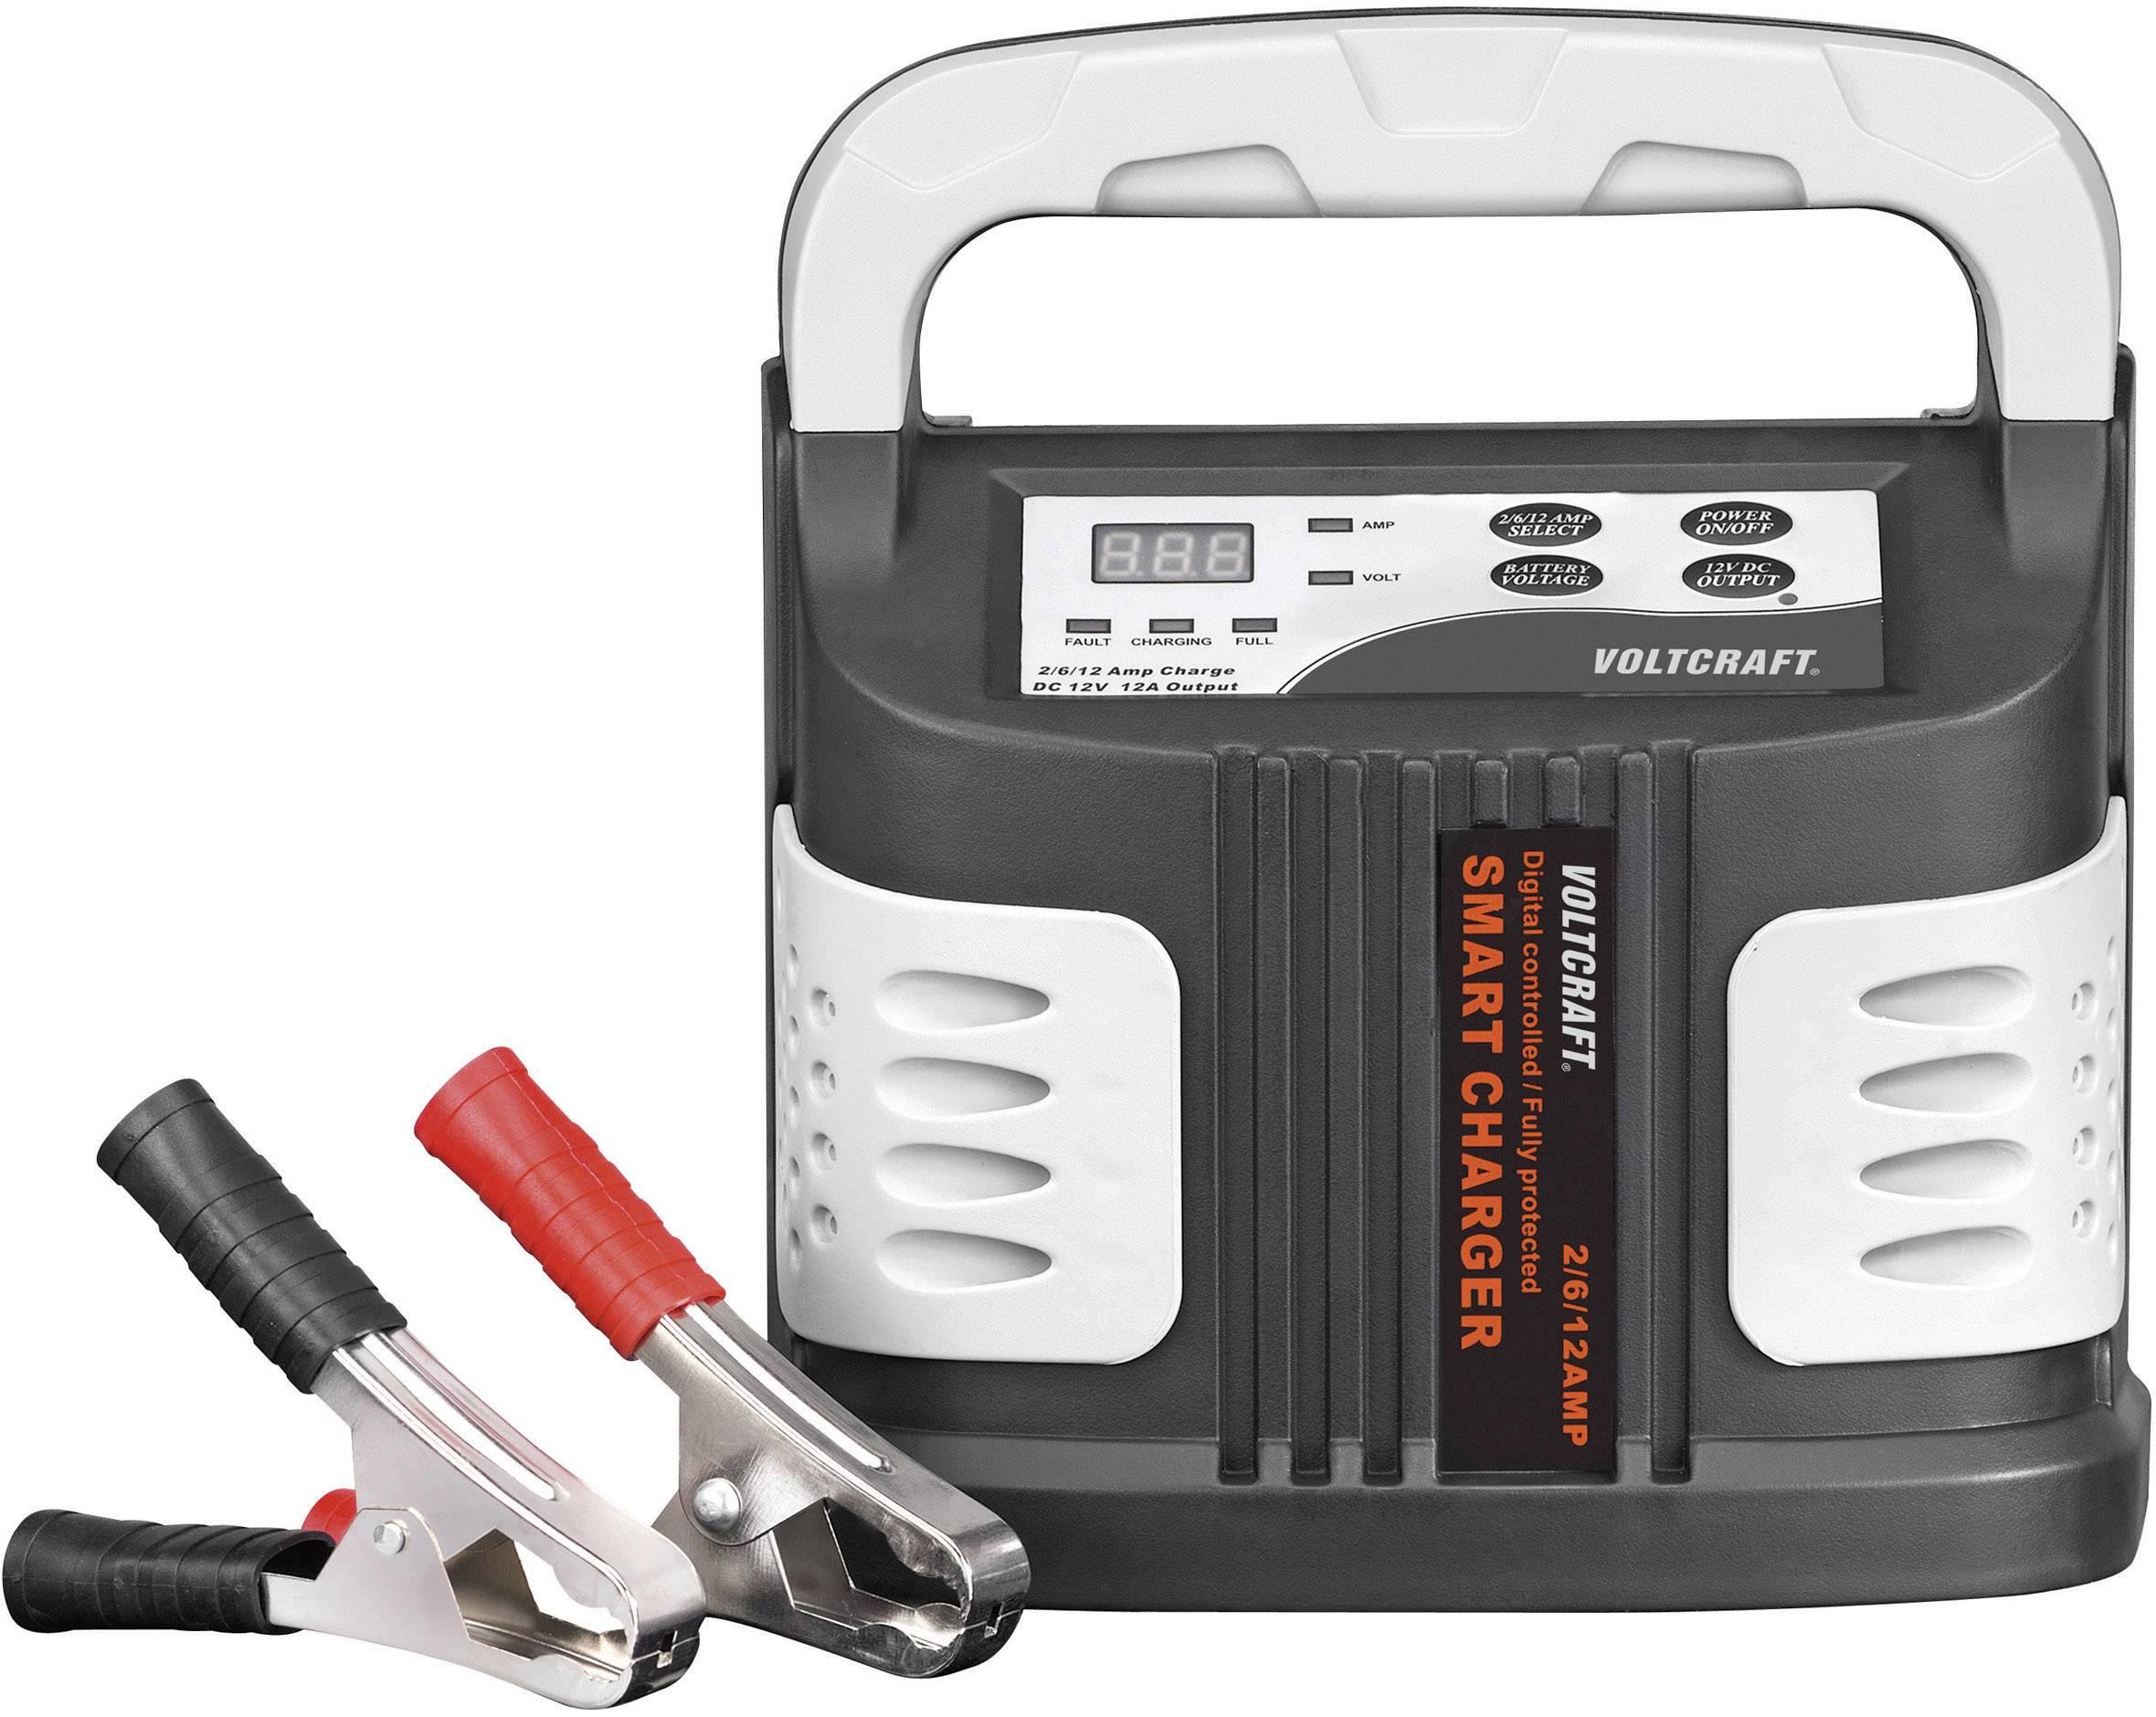 Nabíječky pro automobily, údržba baterií